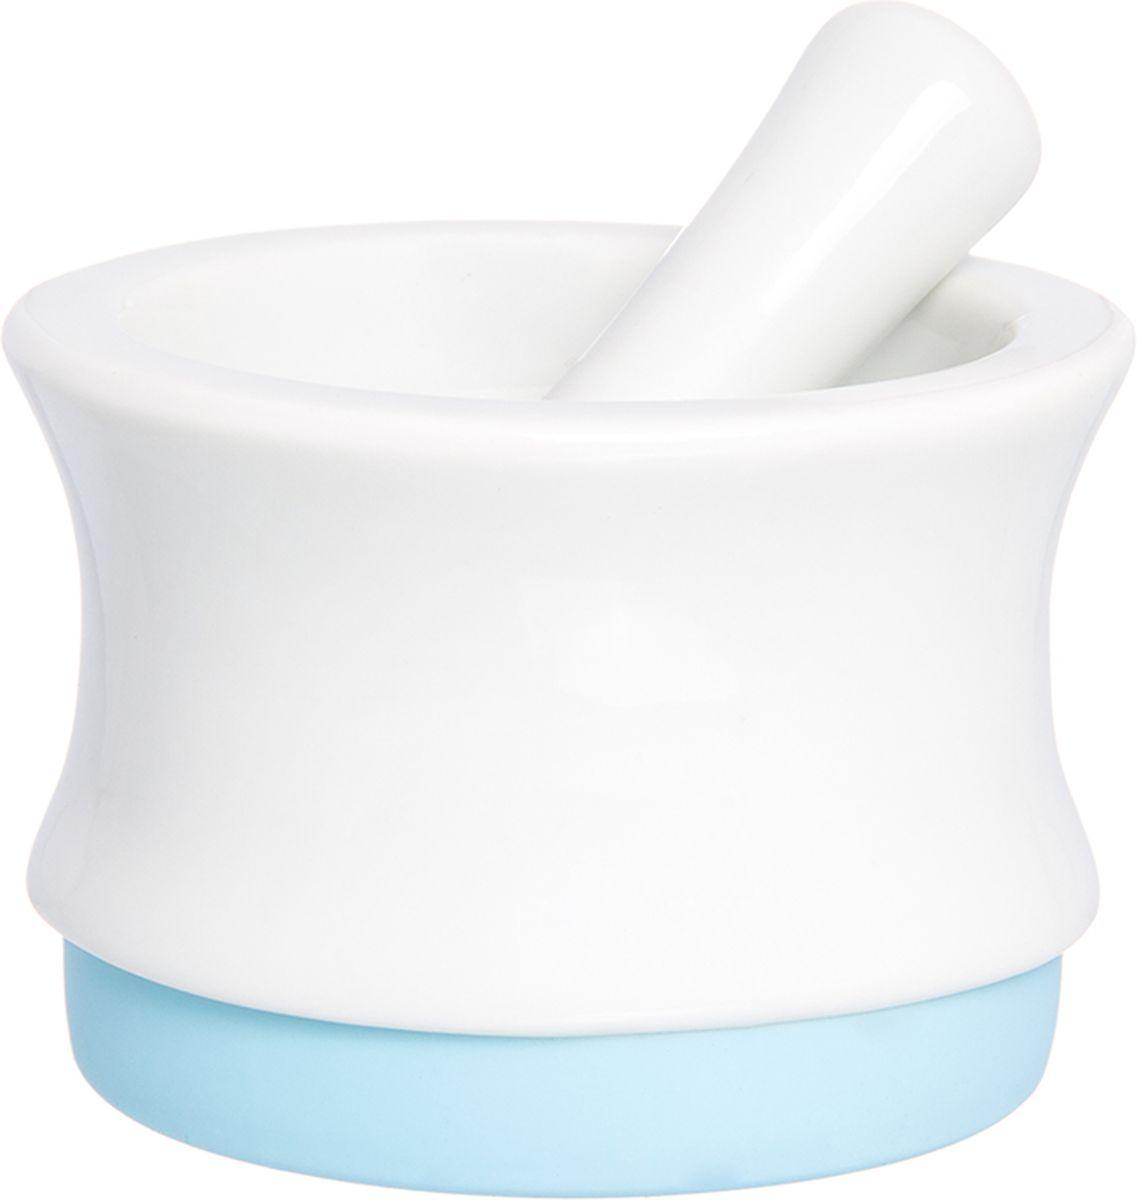 Ступка с пестиком Elan Gallery, с подставкой, цвет: белый, голубой, 7,5 х 7,5 х 5,3 см900025Ступка с силиконовой ножкой-подставкой и пестиком очень удобна для измельчения специй. Незаменимый помощник на кухне. Отличный подарок для искусных кулинаров.